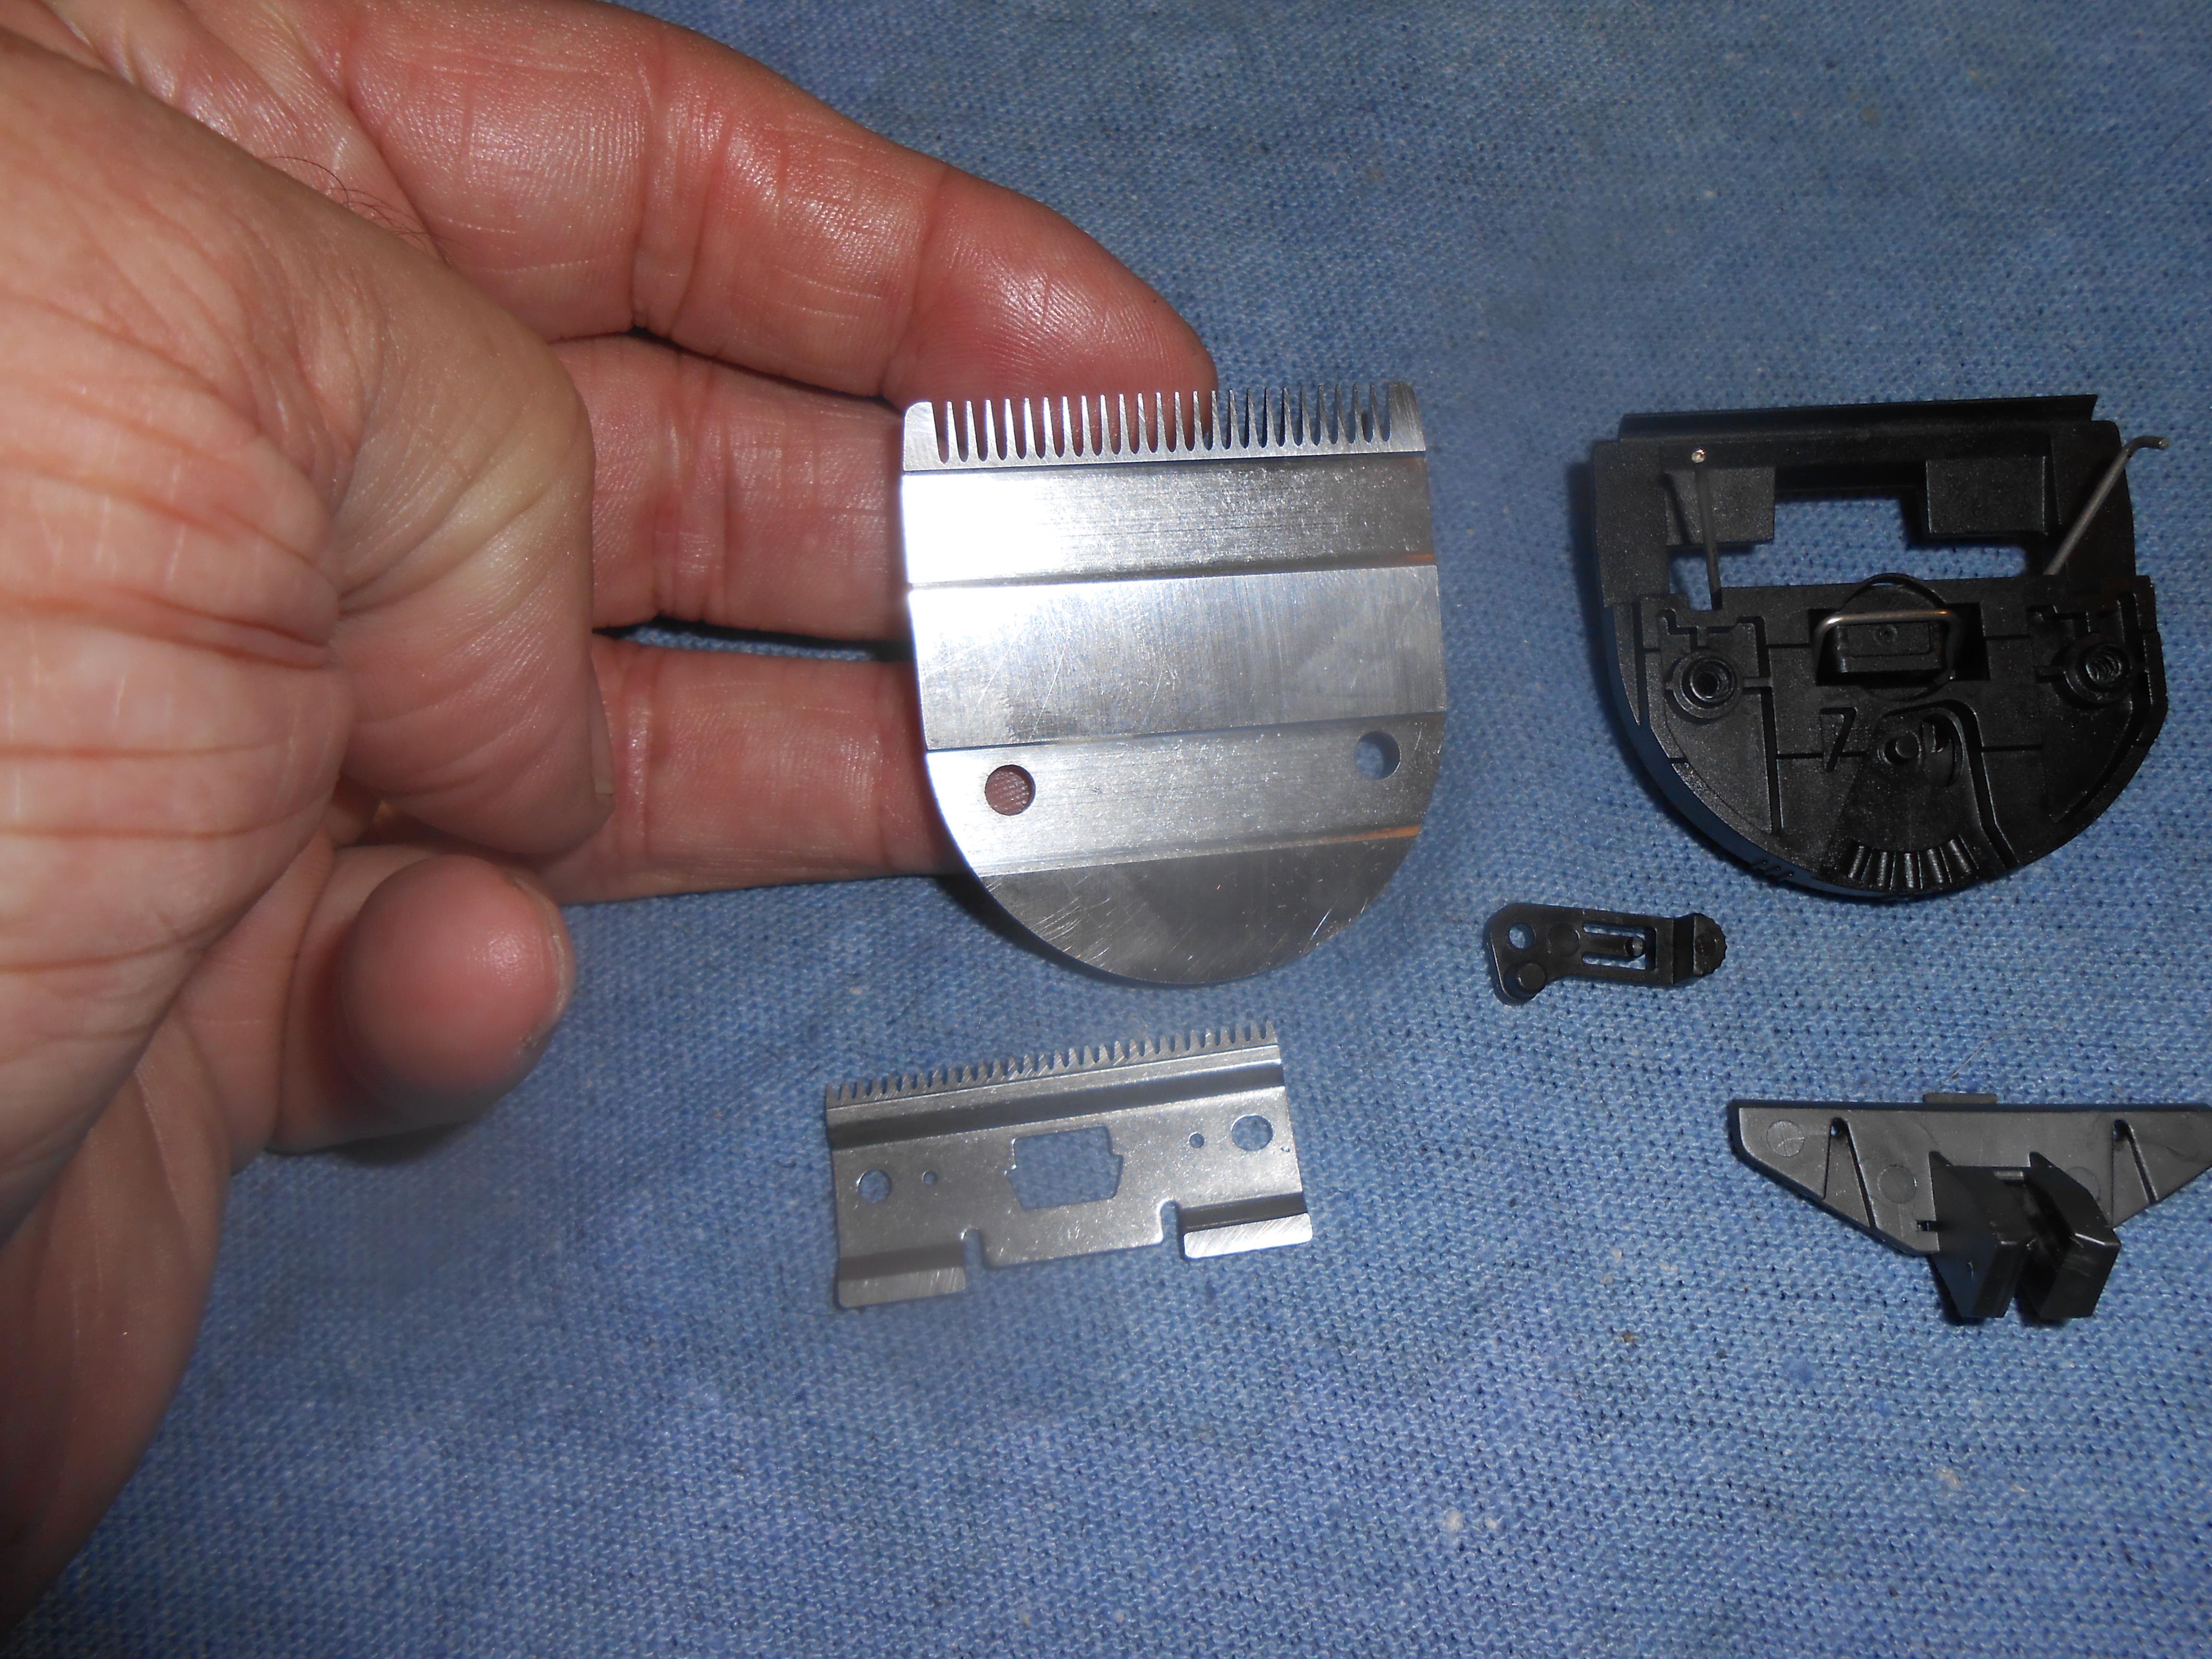 ARCO 5-N-1 Clipper Blade